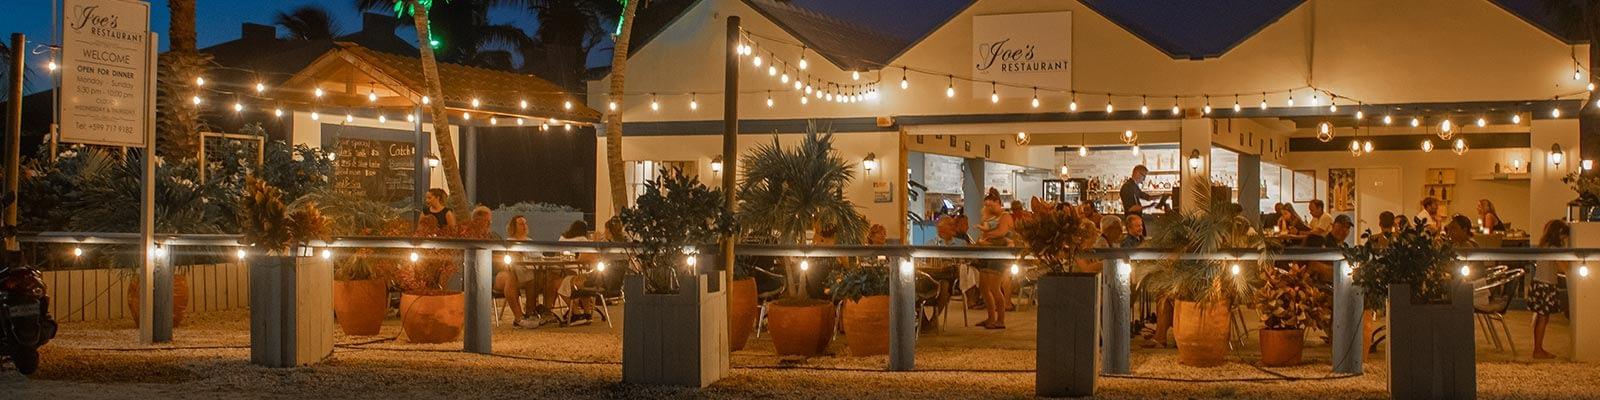 joes-restaurant-bonaire_slider3